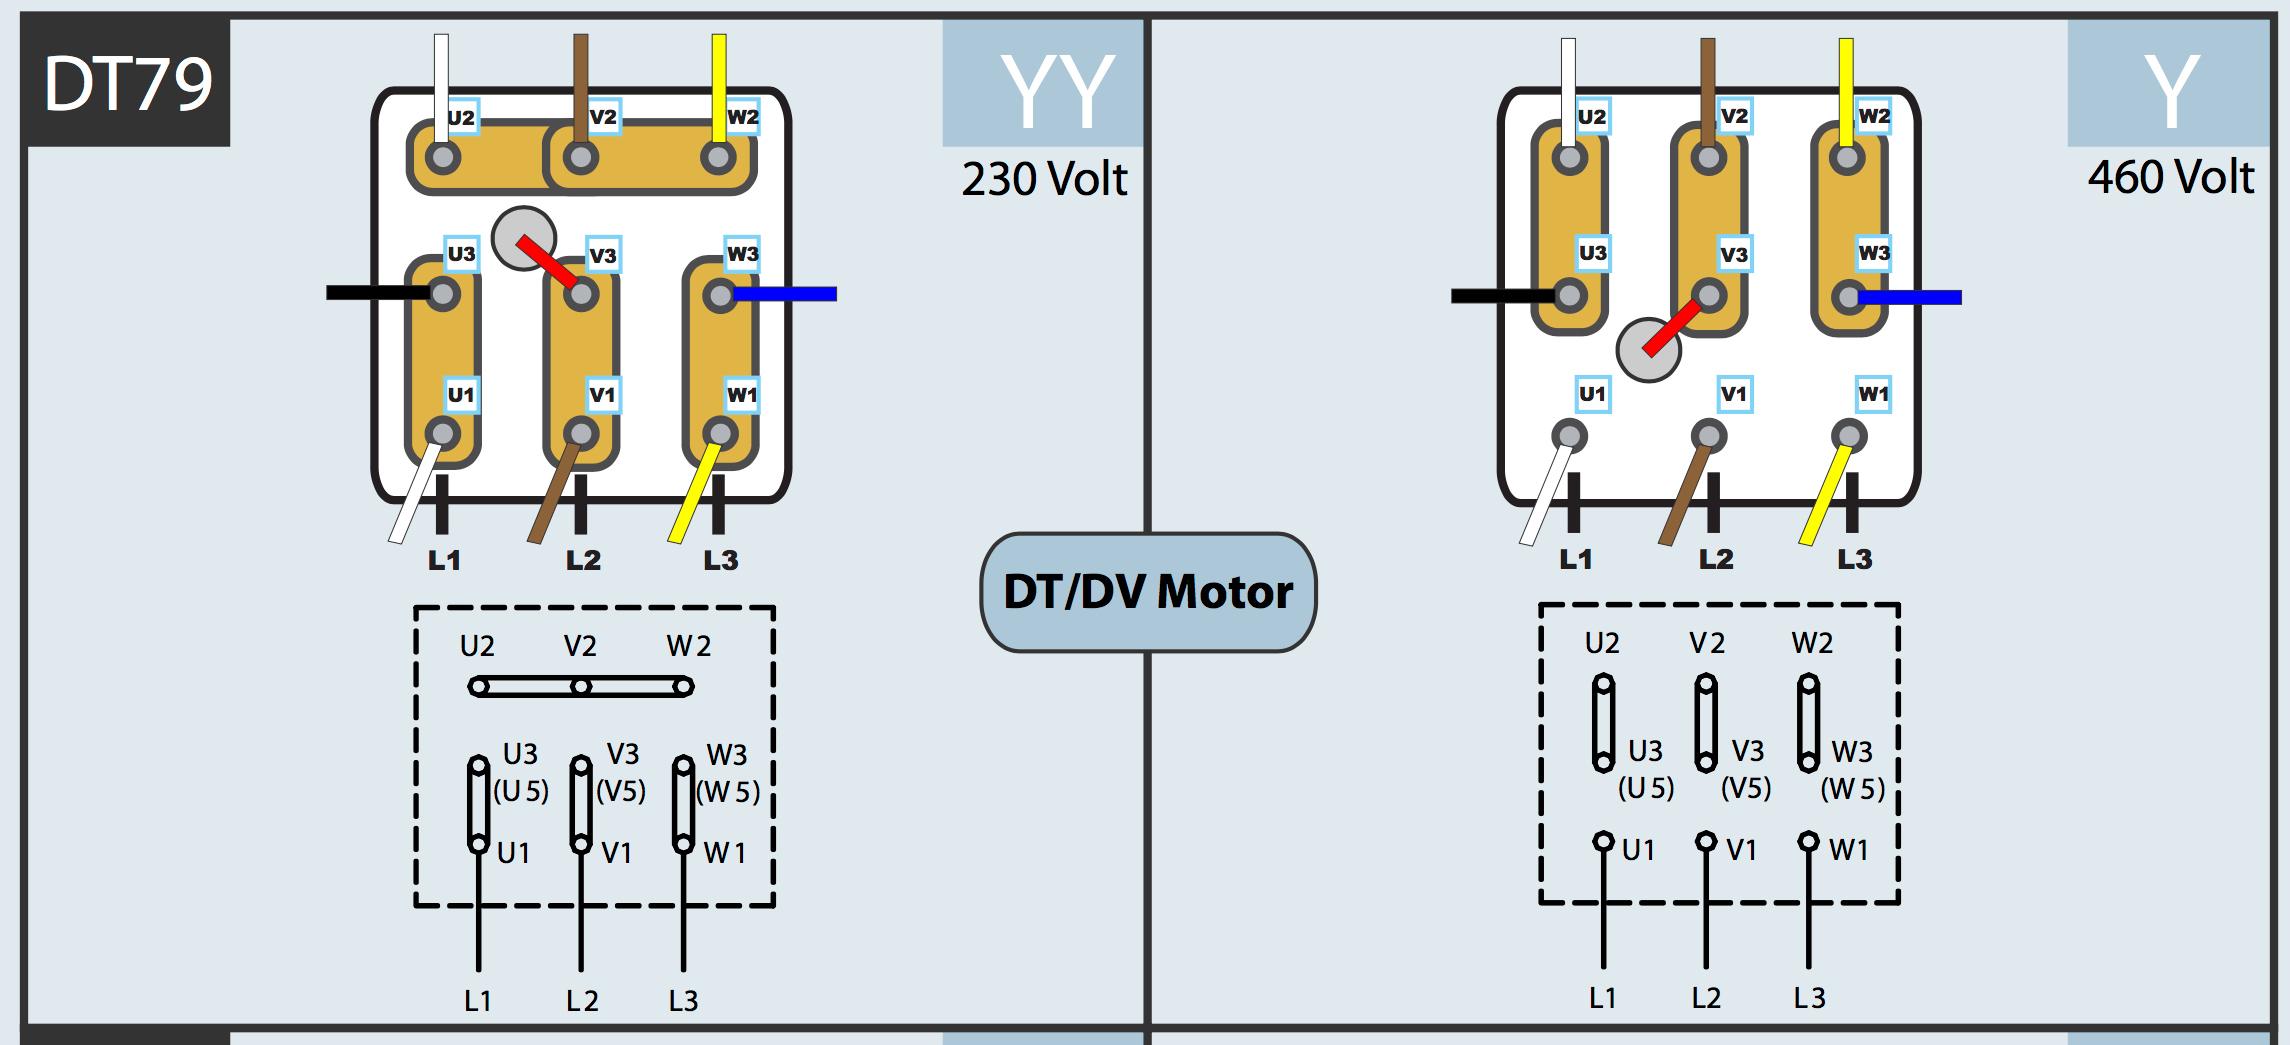 Baldor Motor Heater Wiring Diagram | Wiring Diagram - Motor Wiring Diagram